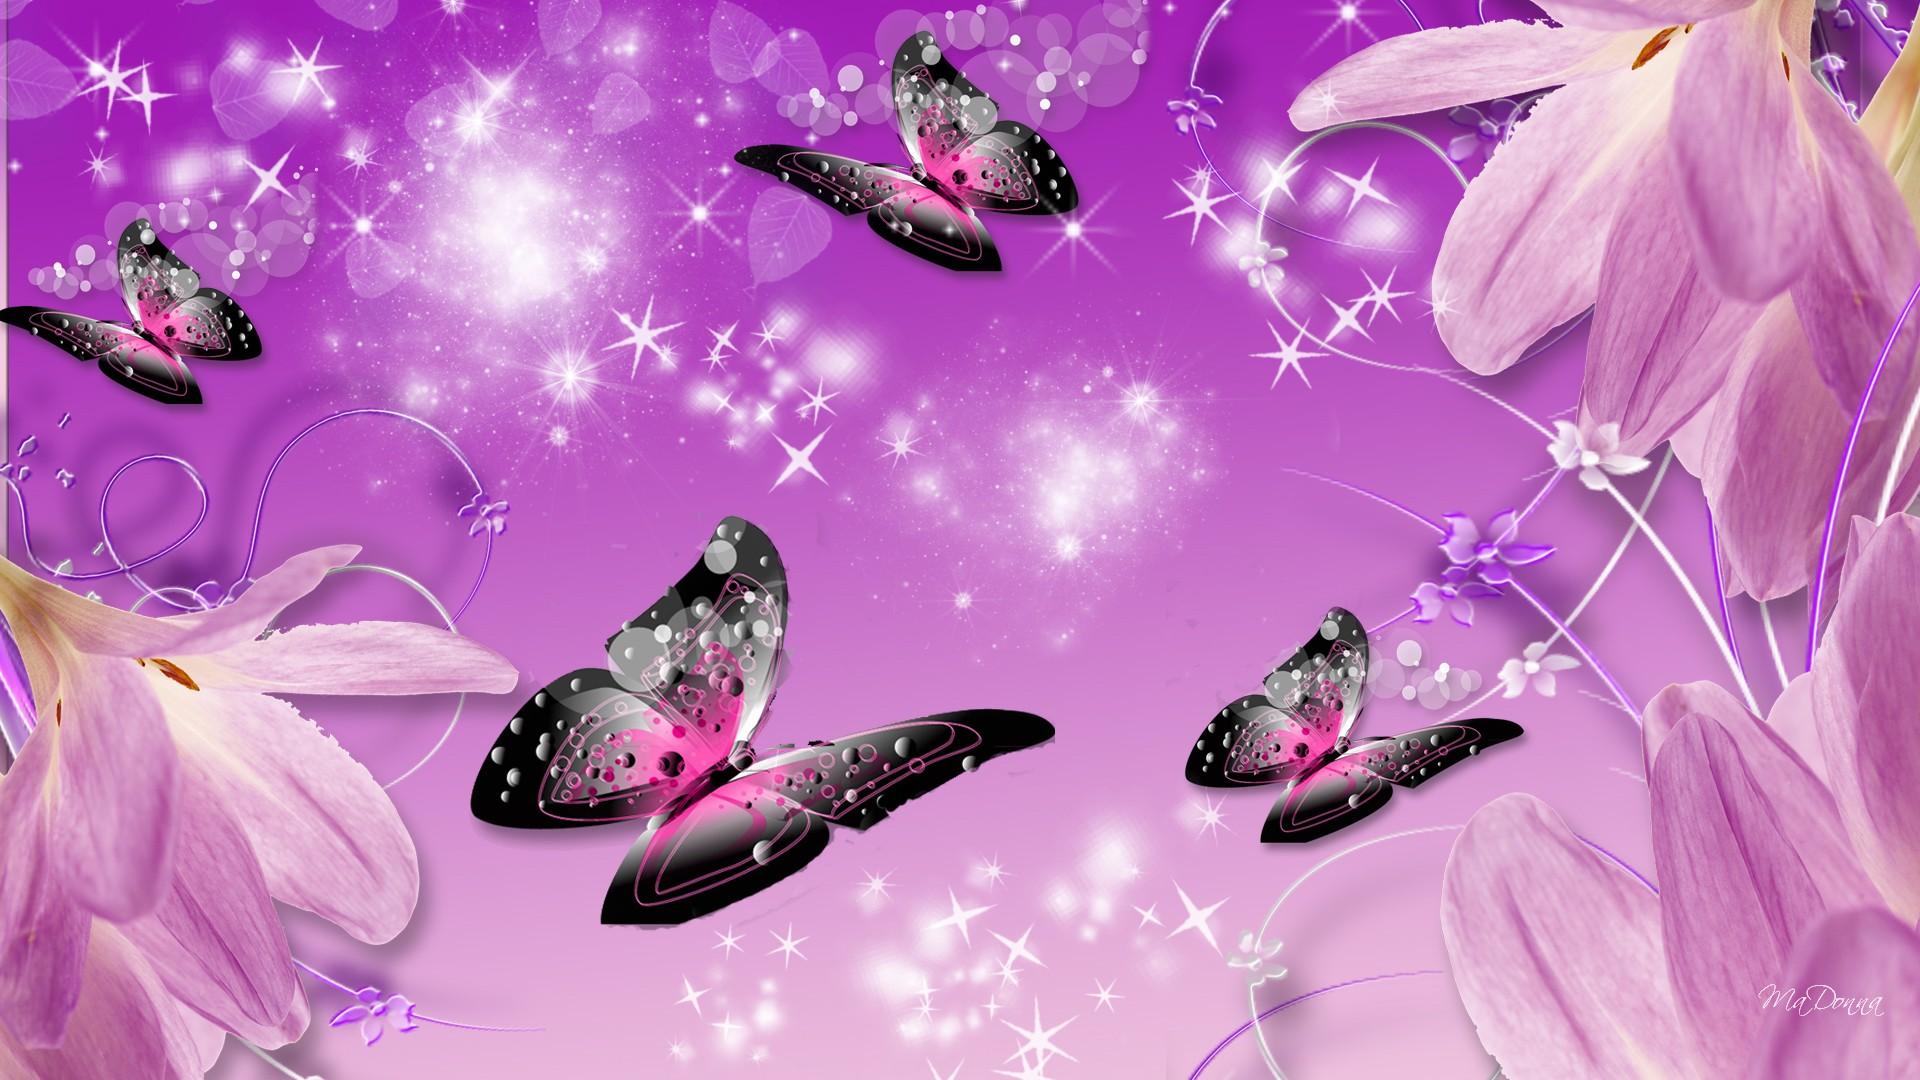 Обои На Телефон Бабочки Скачать Бесплатно